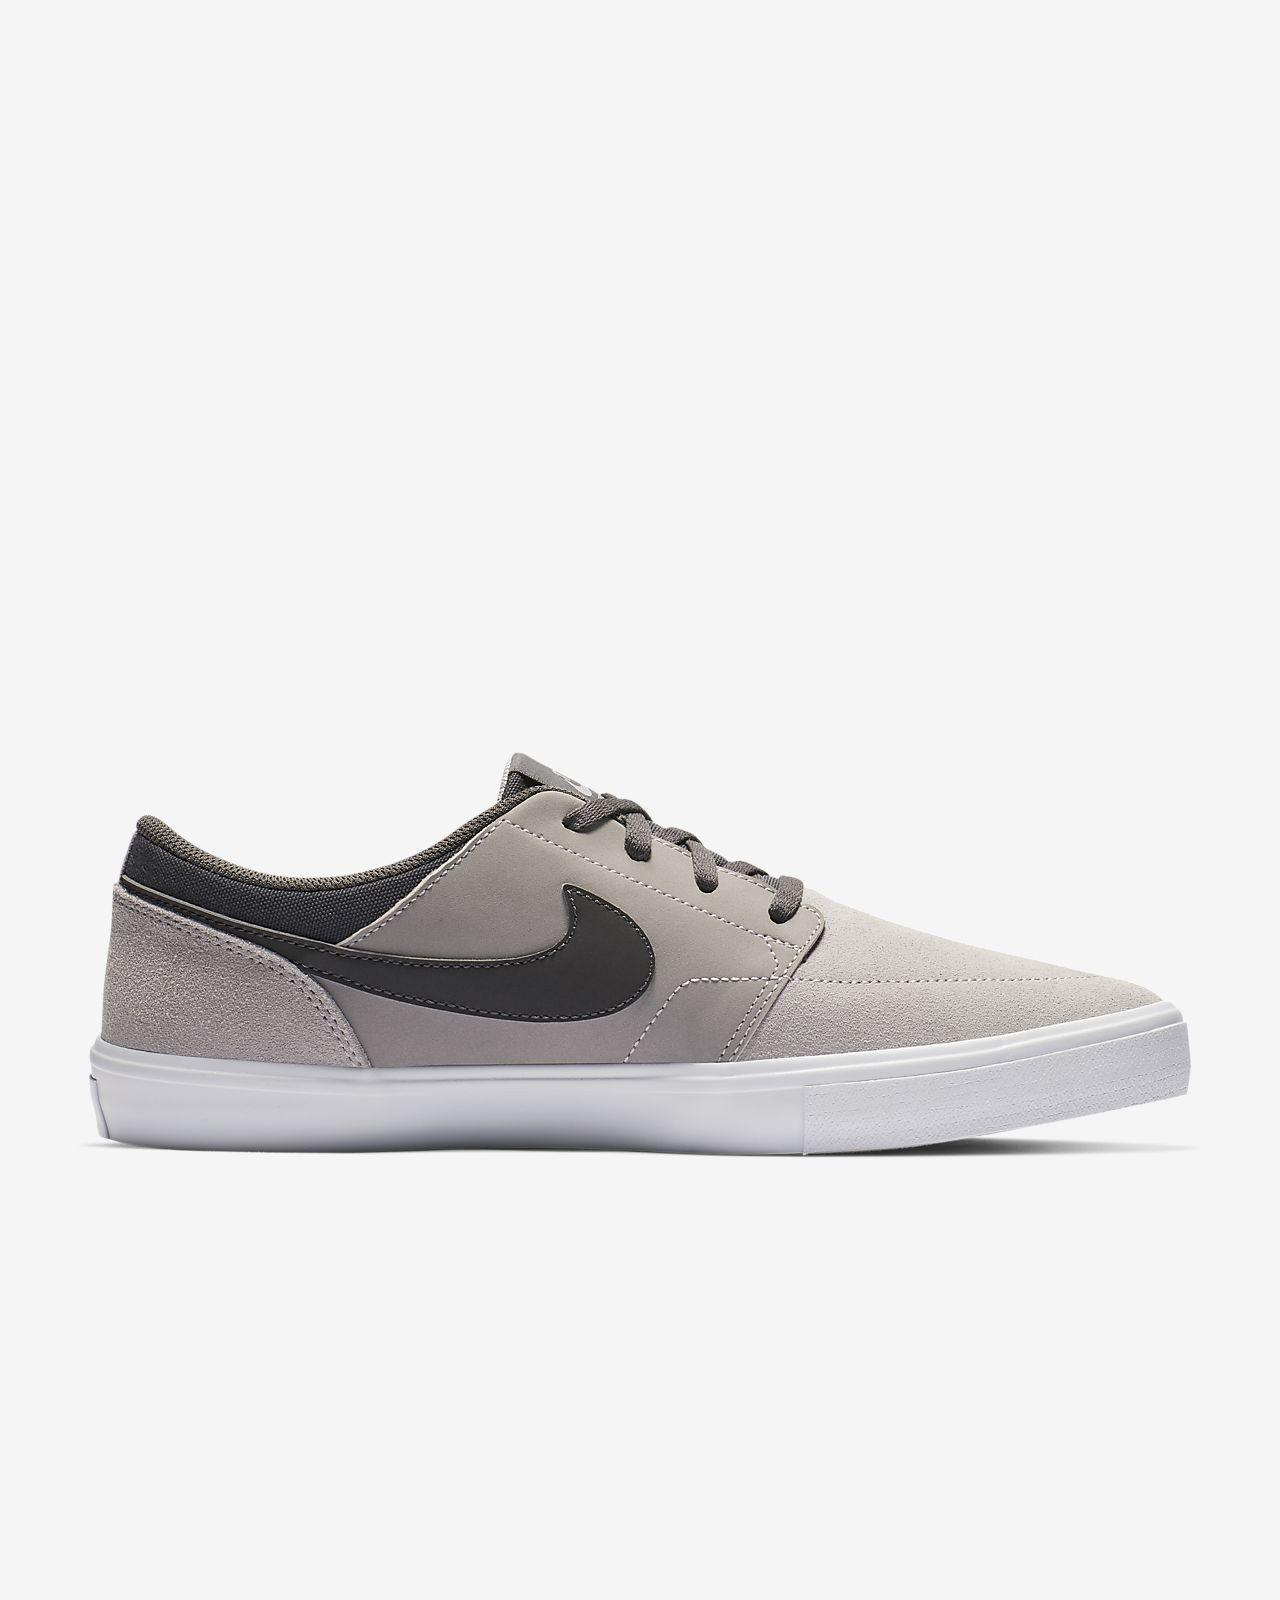 wholesale dealer 03f3c 37c59 ... Skateboardsko Nike SB Solarsoft Portmore II för män